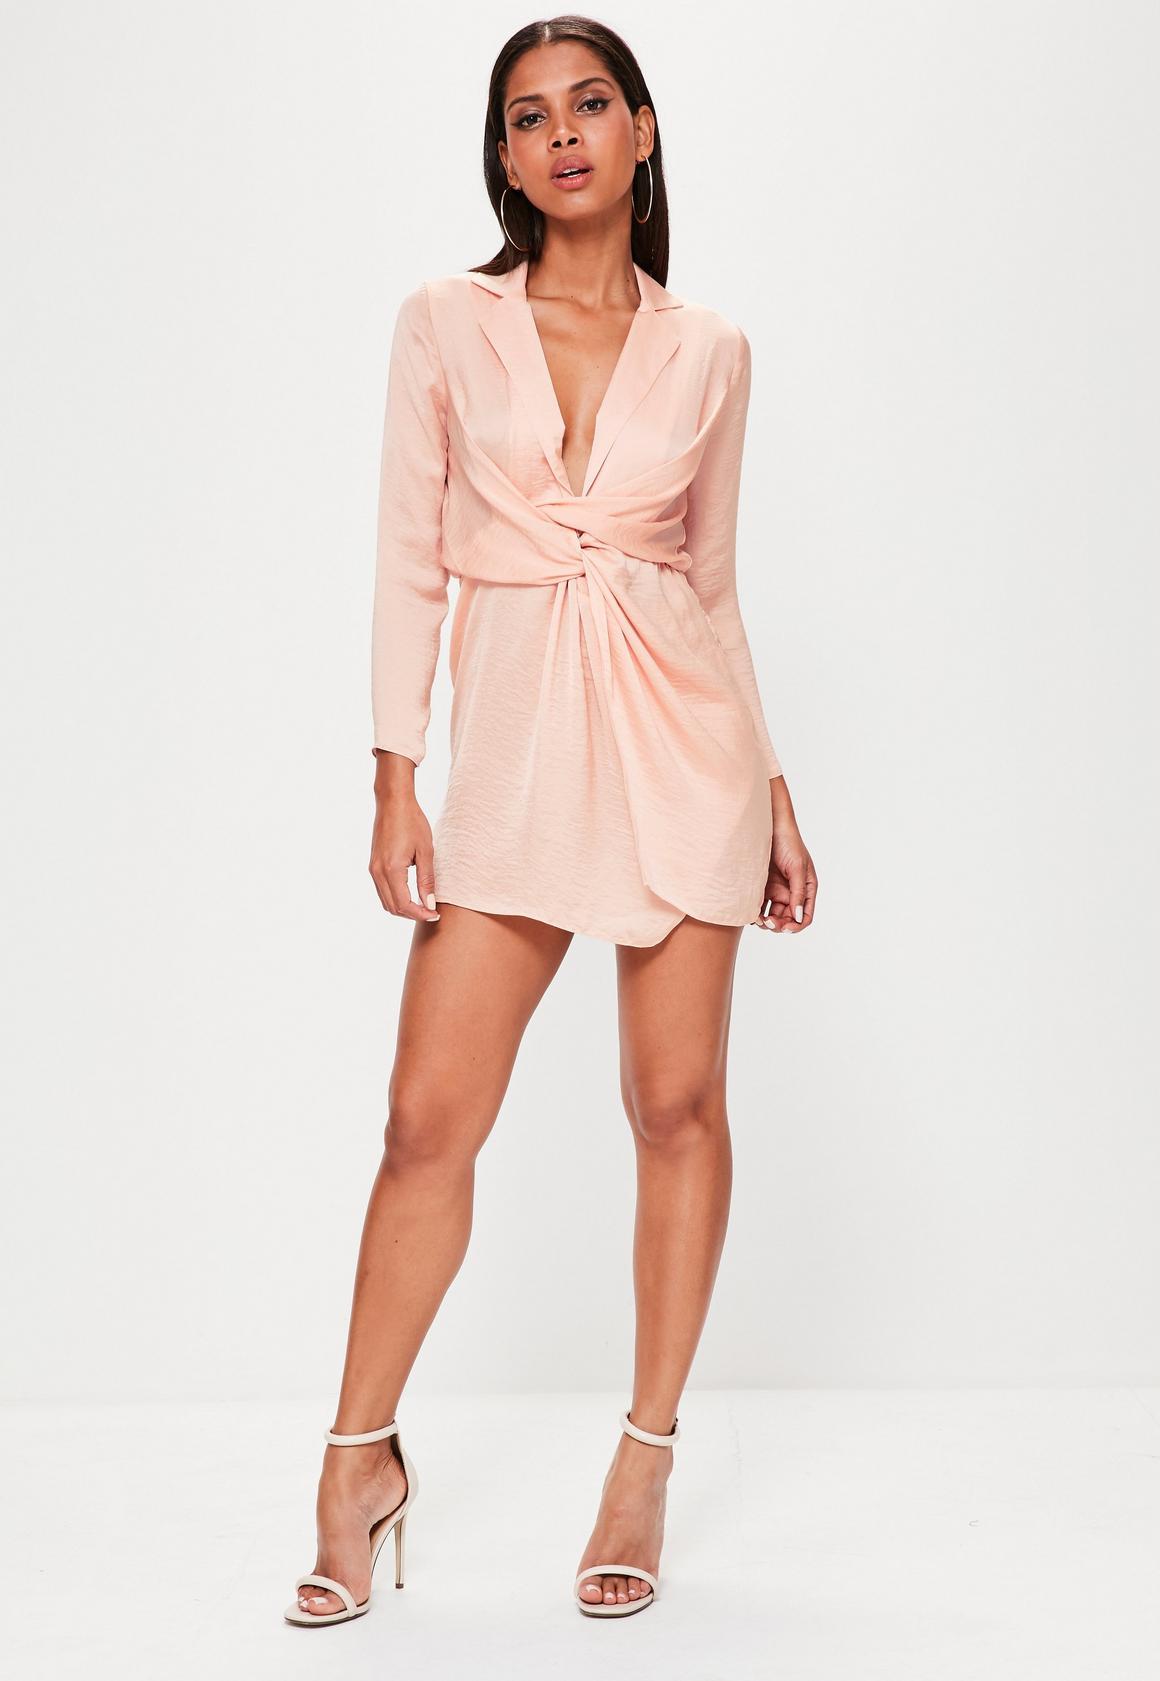 Missguided - Petite Pink Satin Wrap Plunge Neck Dress d9af8f036